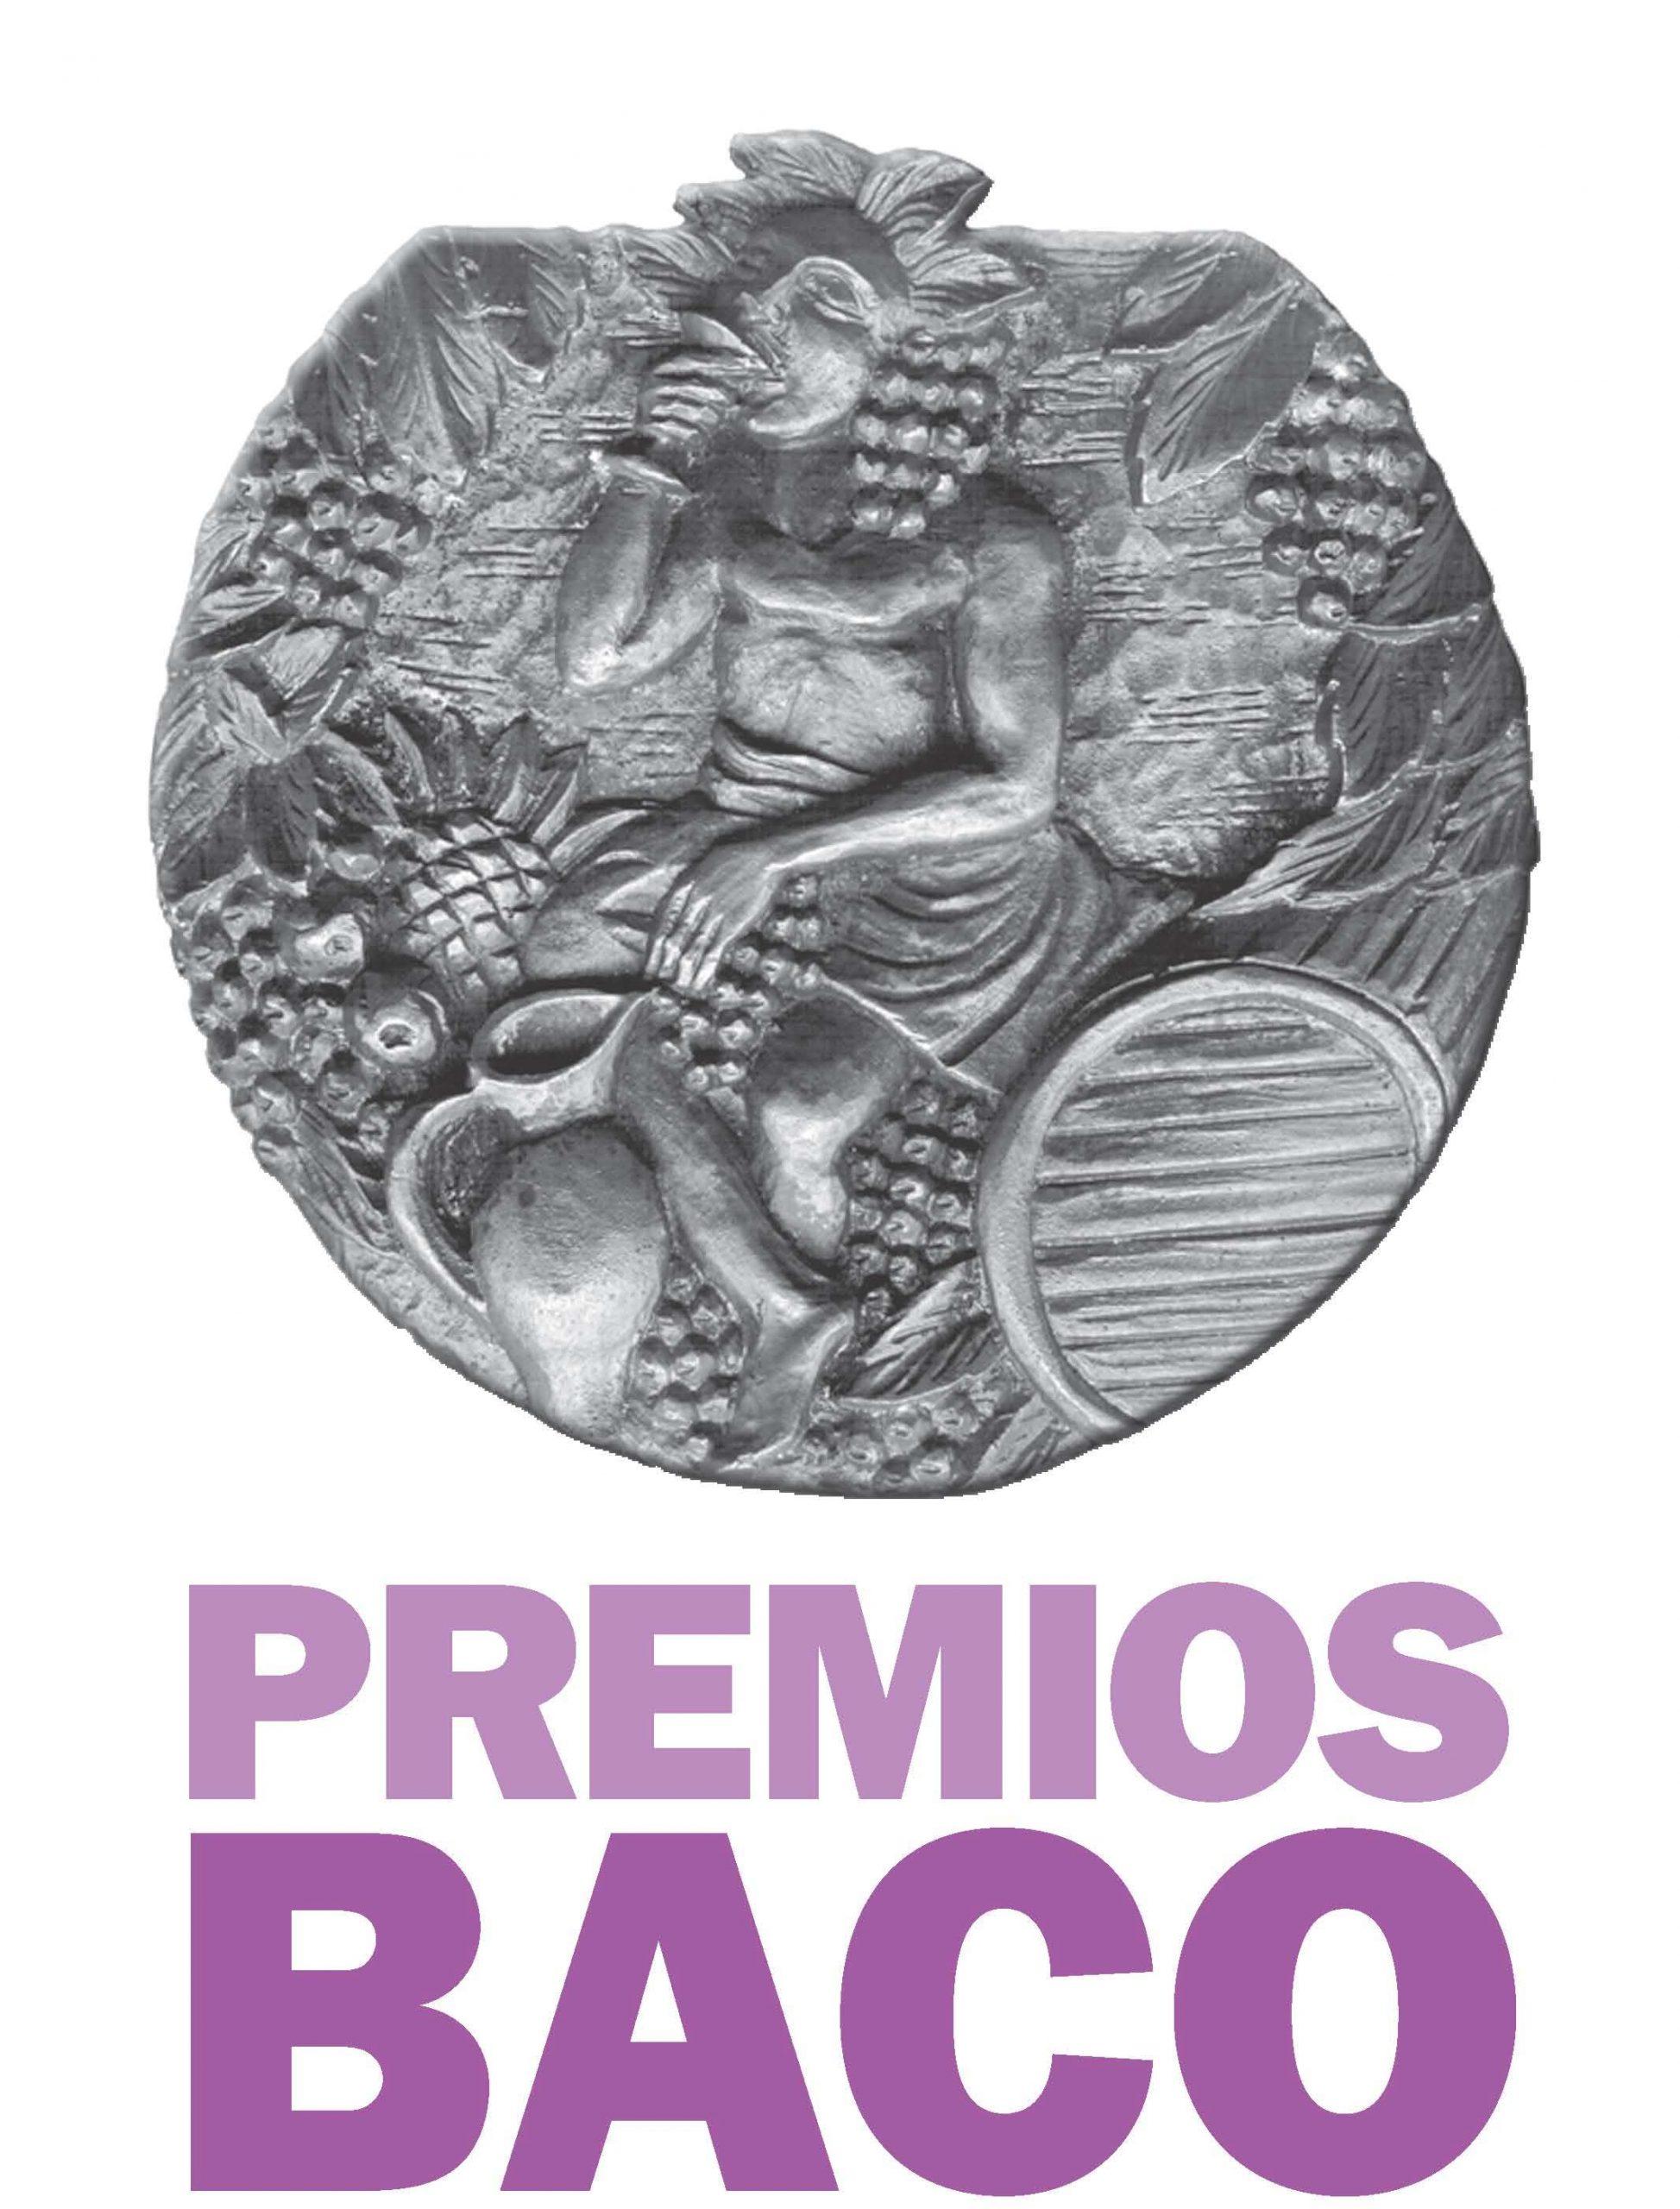 LOS PREMIOS BACO COSECHA 2020 ABREN SU INSCRIPCIÓN